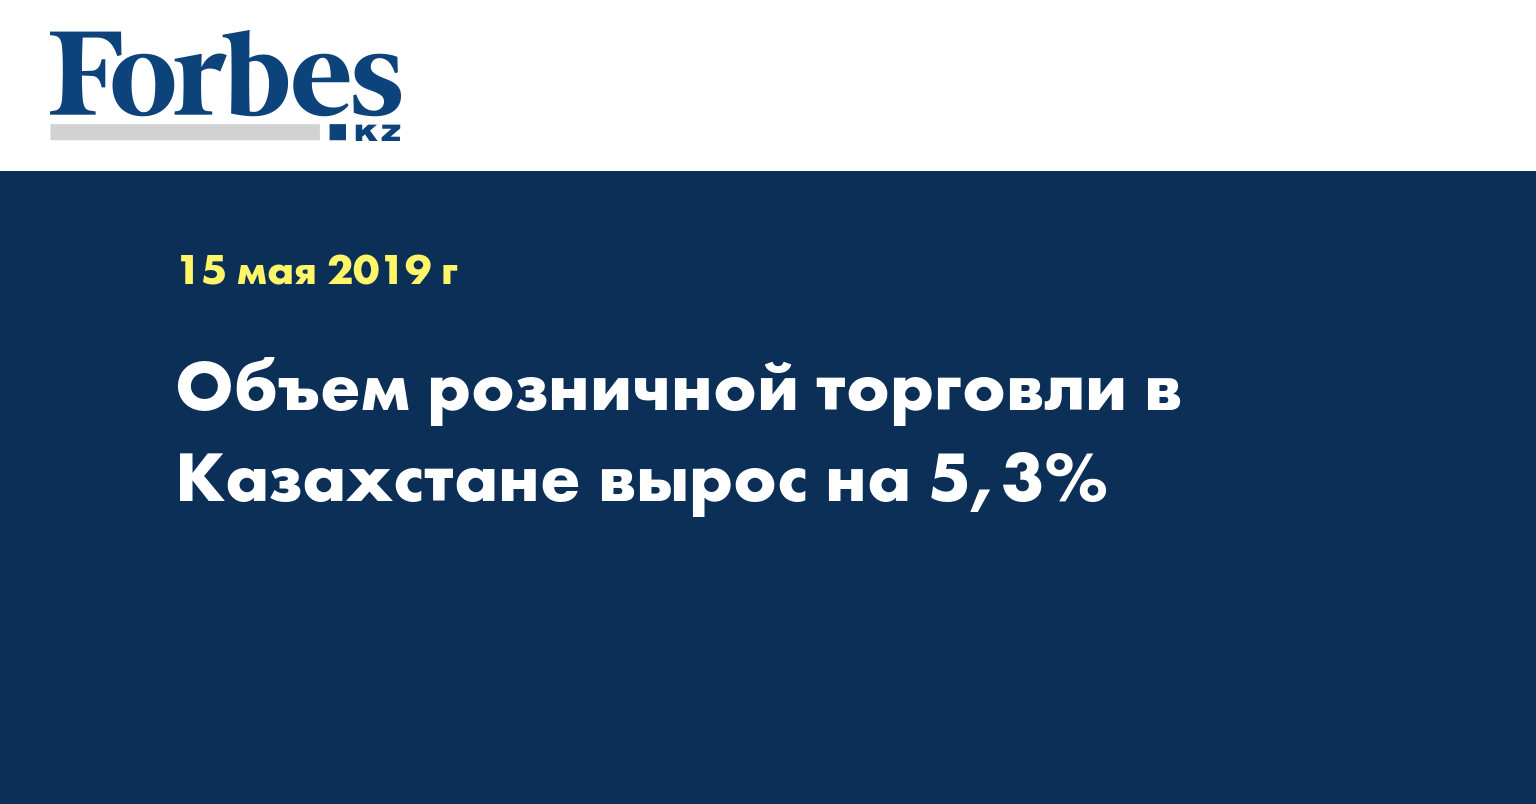 Объем розничной торговли в Казахстане вырос на 5,3%